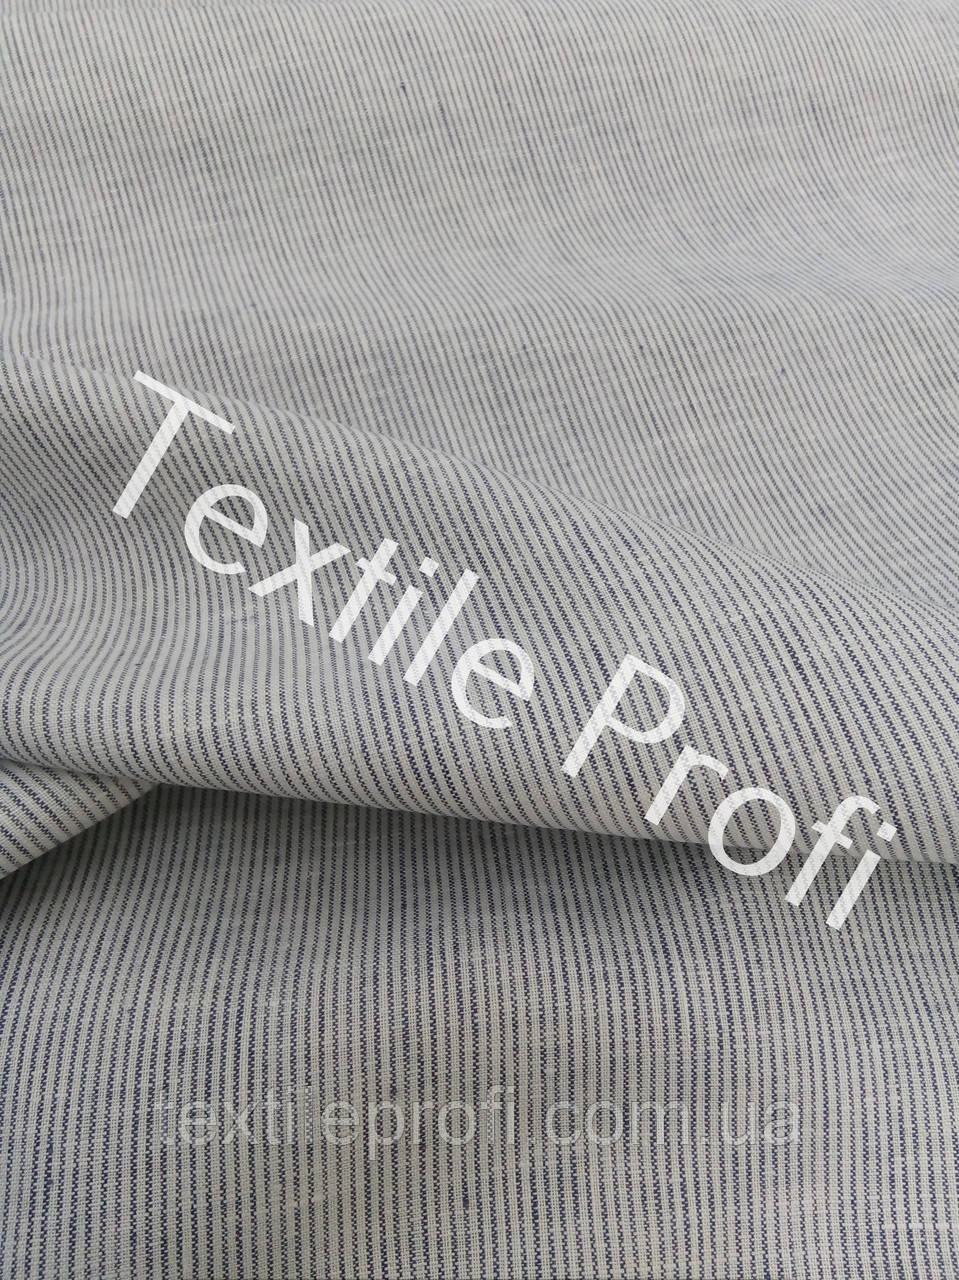 Льняная сорочечная ткань в мелкую полоску - Лён на любой фасон от ТЕКСТИЛЬ ПРОФИ Pro. в Одессе